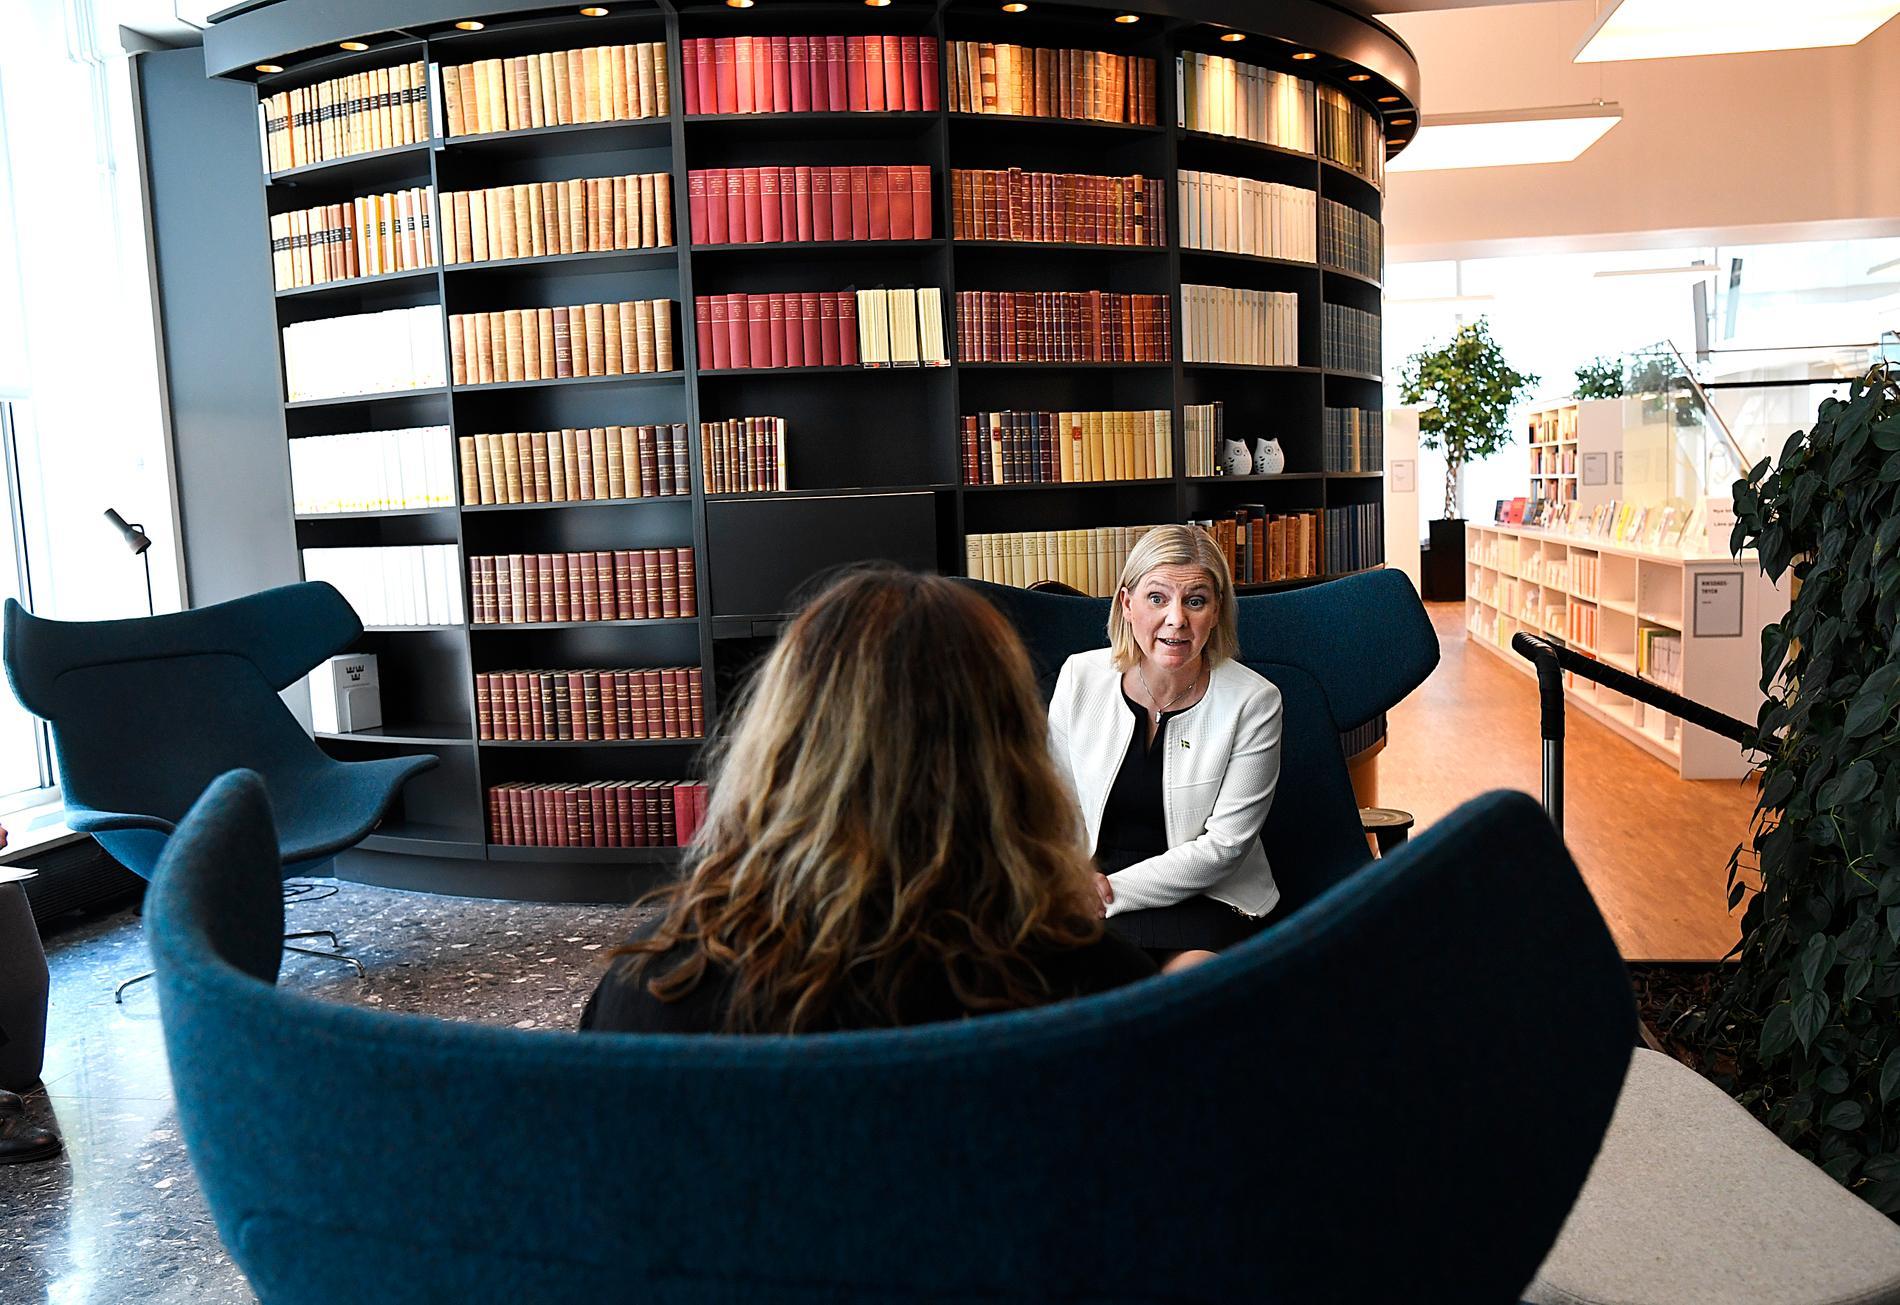 Att undvika långtidsarbetslöshet bland unga ska prioriteras i budgetförhandlingarna mellan januaripartierna, enligt finansminister Magdalena Andersson (S).